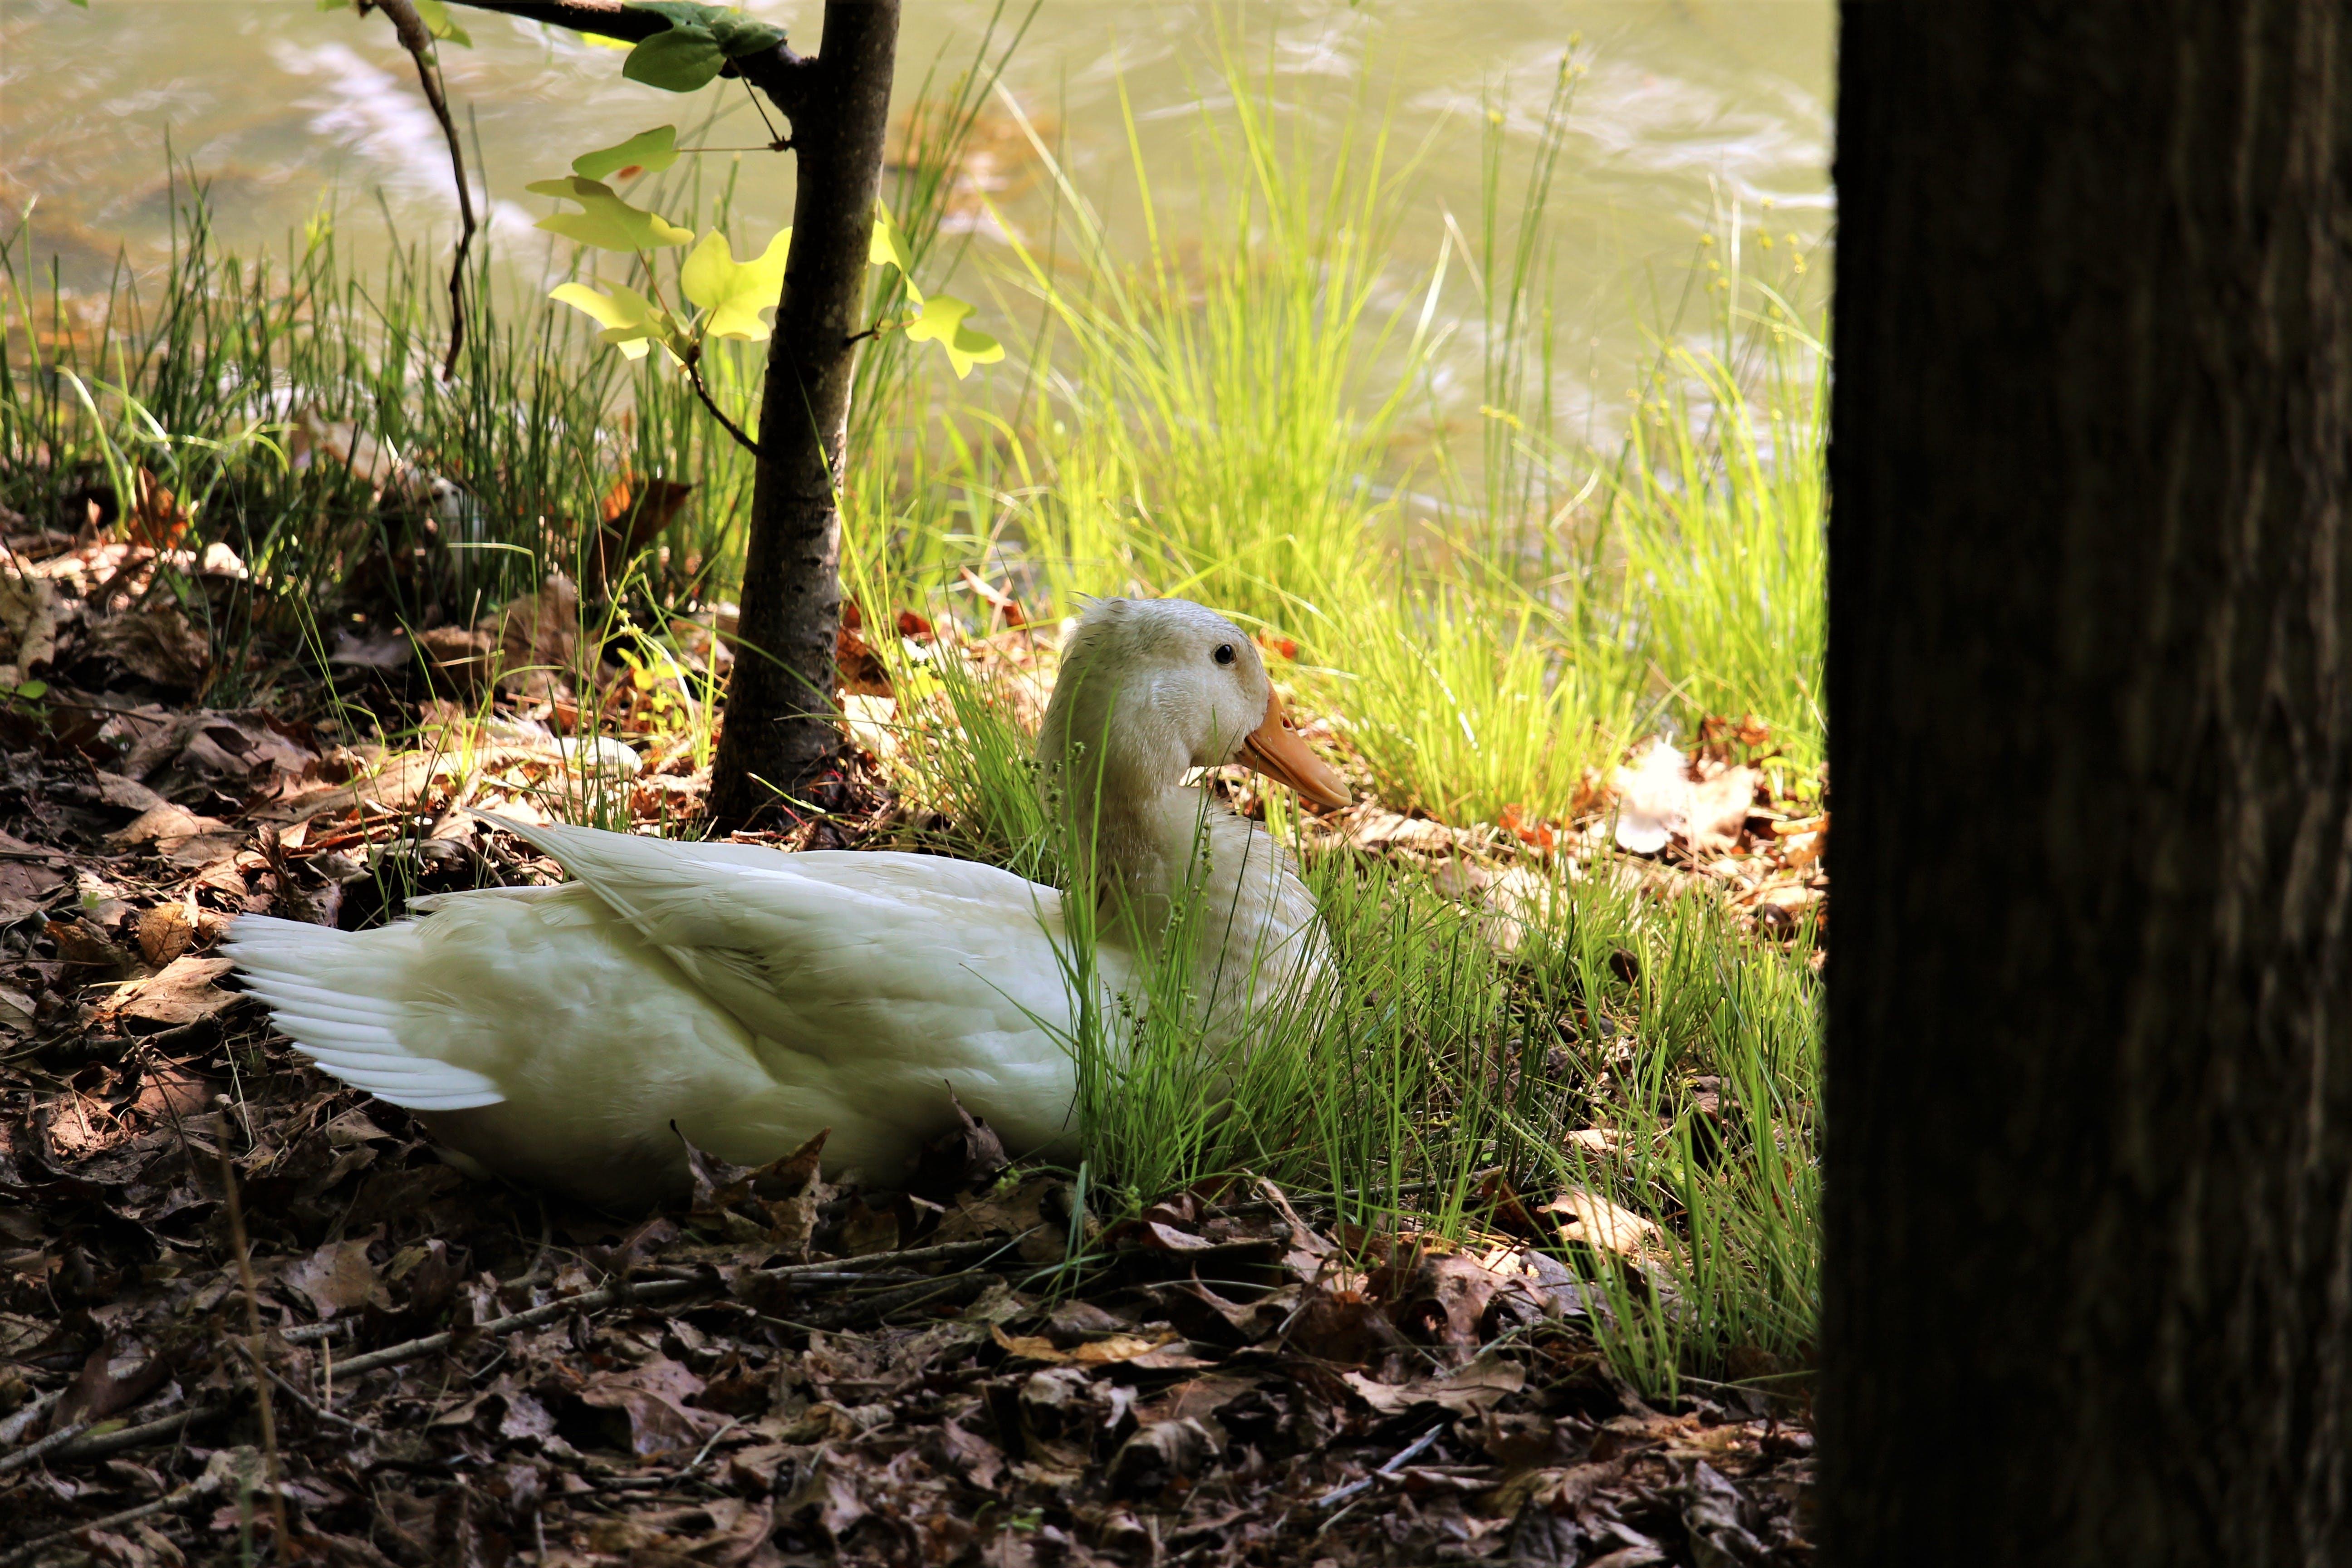 Δωρεάν στοκ φωτογραφιών με απόχρωση, ζώα, λιμνούλα, φύση